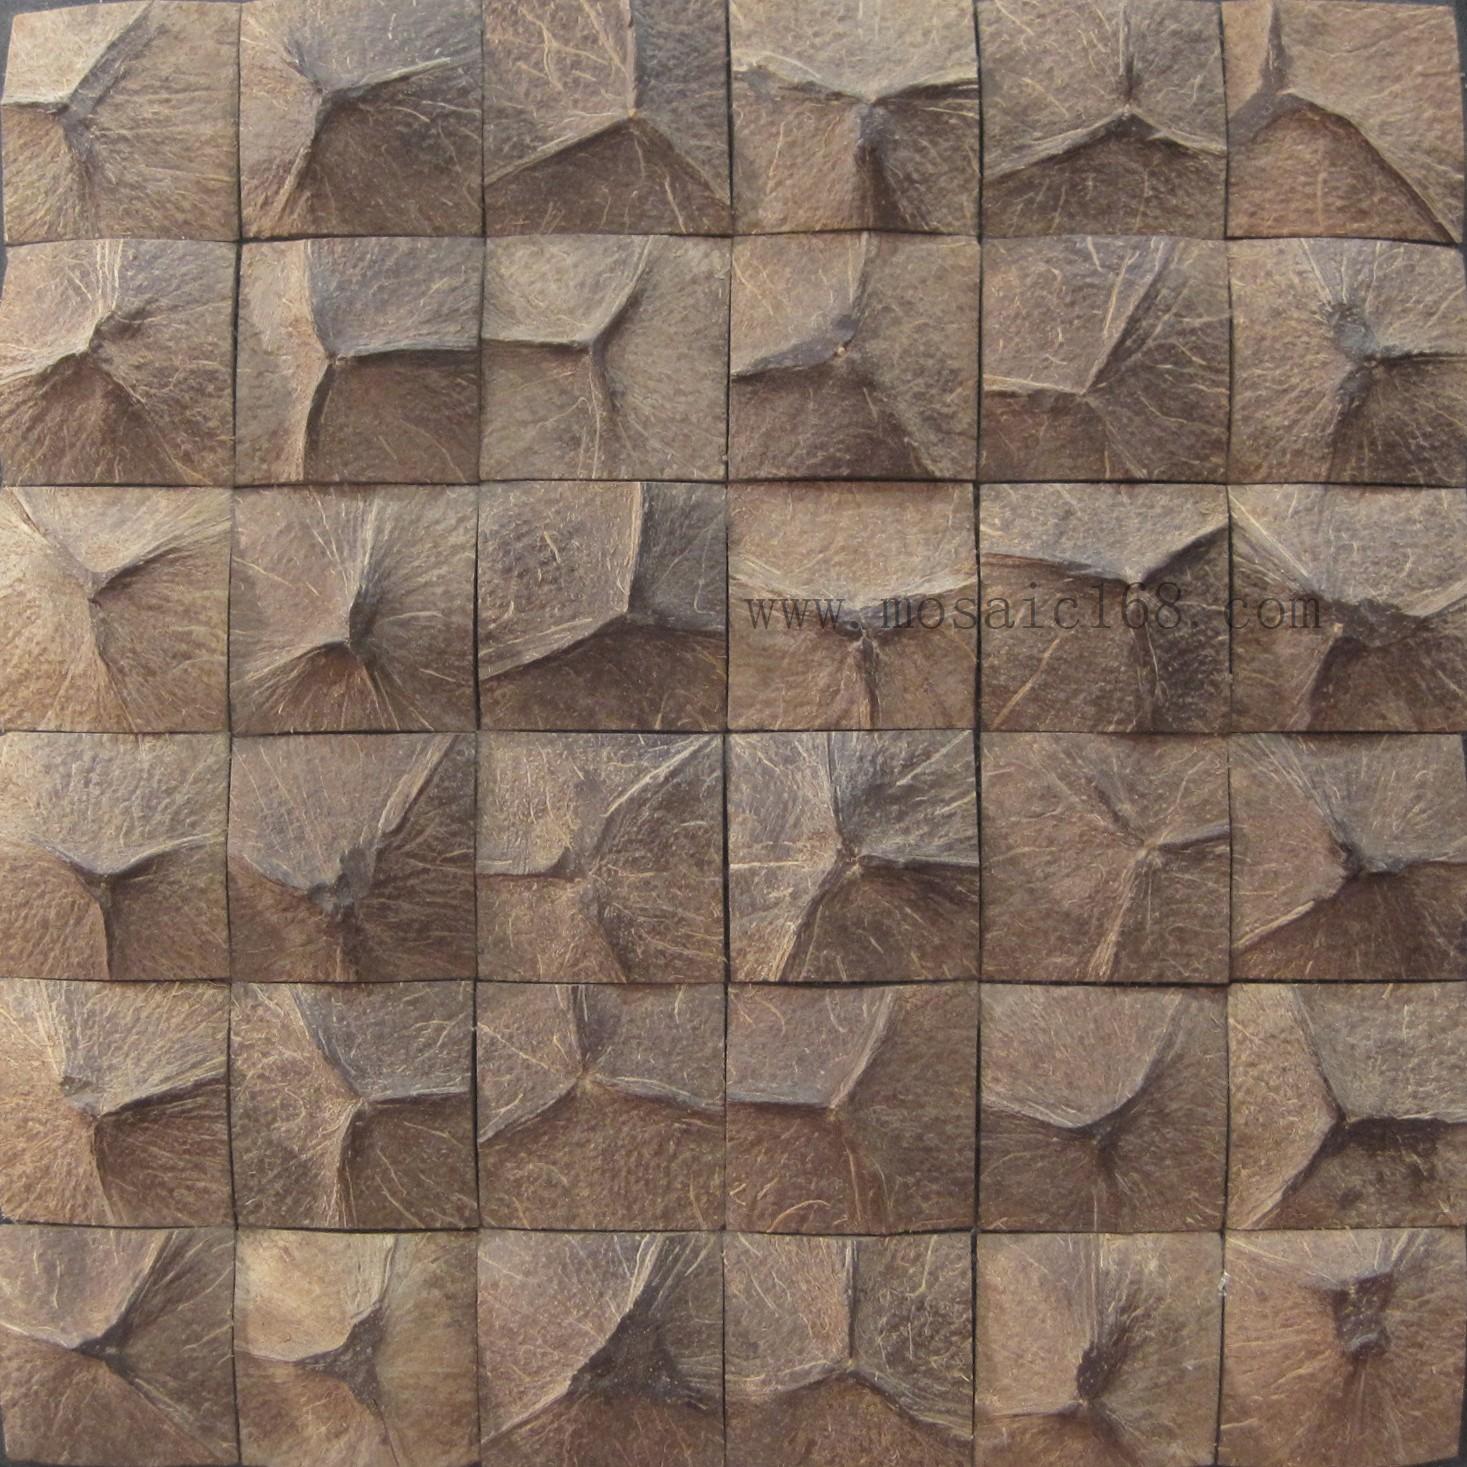 【热销】田园风格欧式椰壳马赛克环保建材实木背景墙玄关JH-K10D